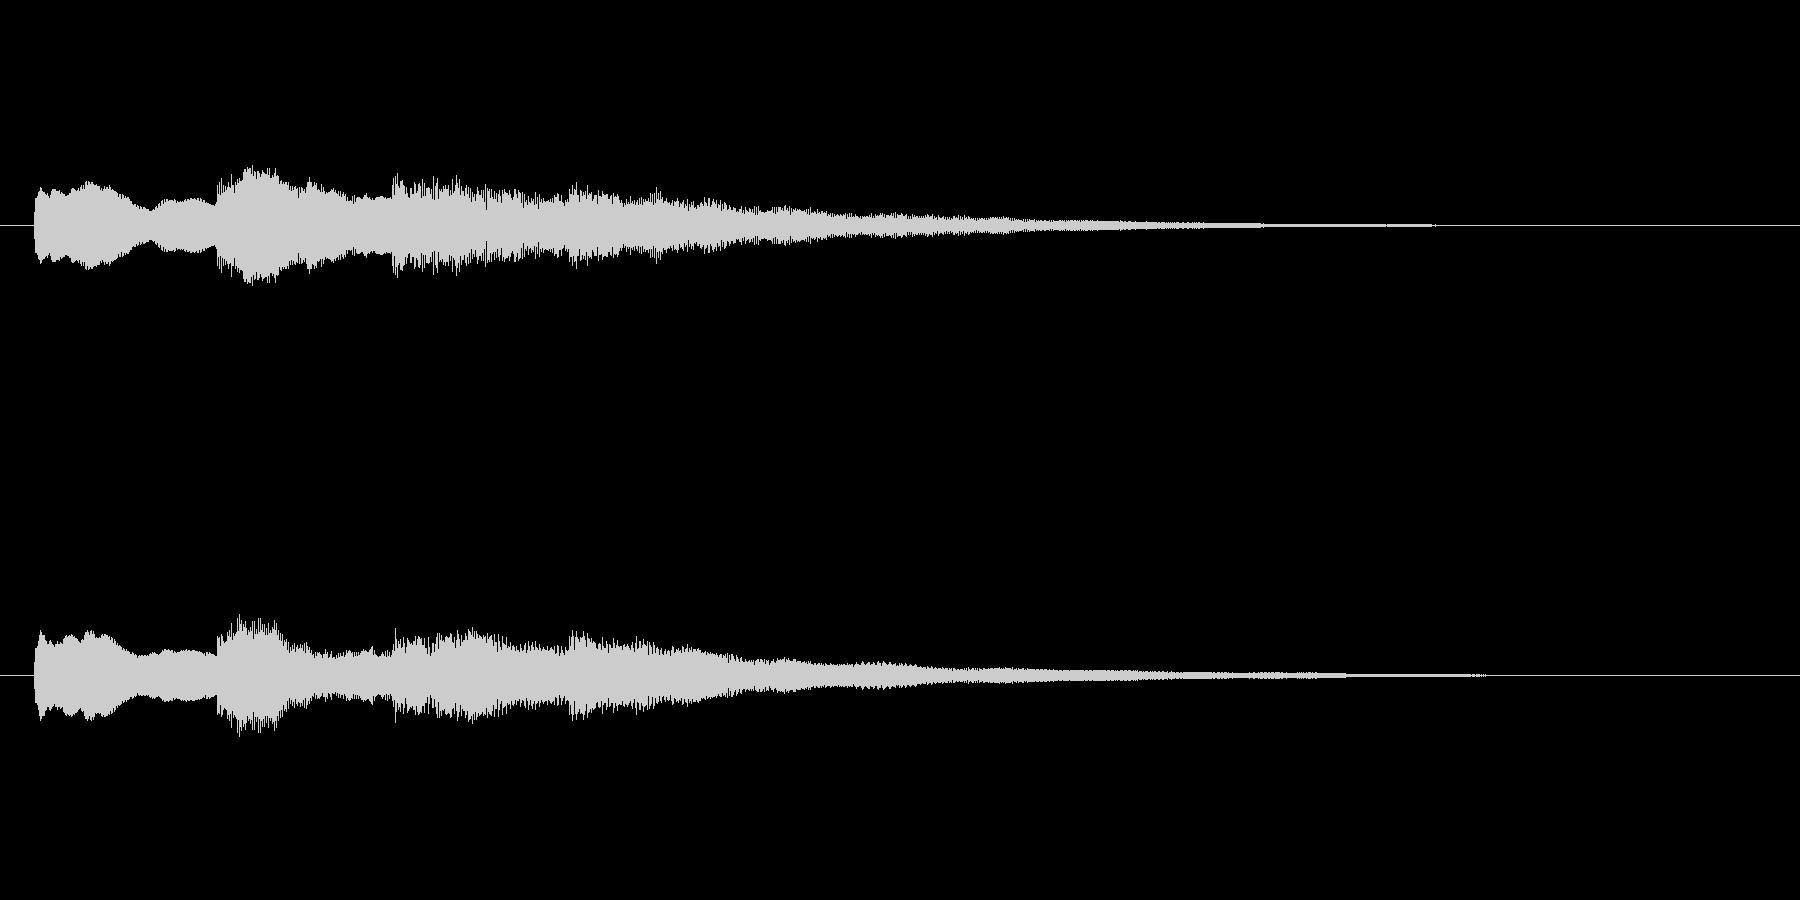 【チャイム 学校02-09】の未再生の波形